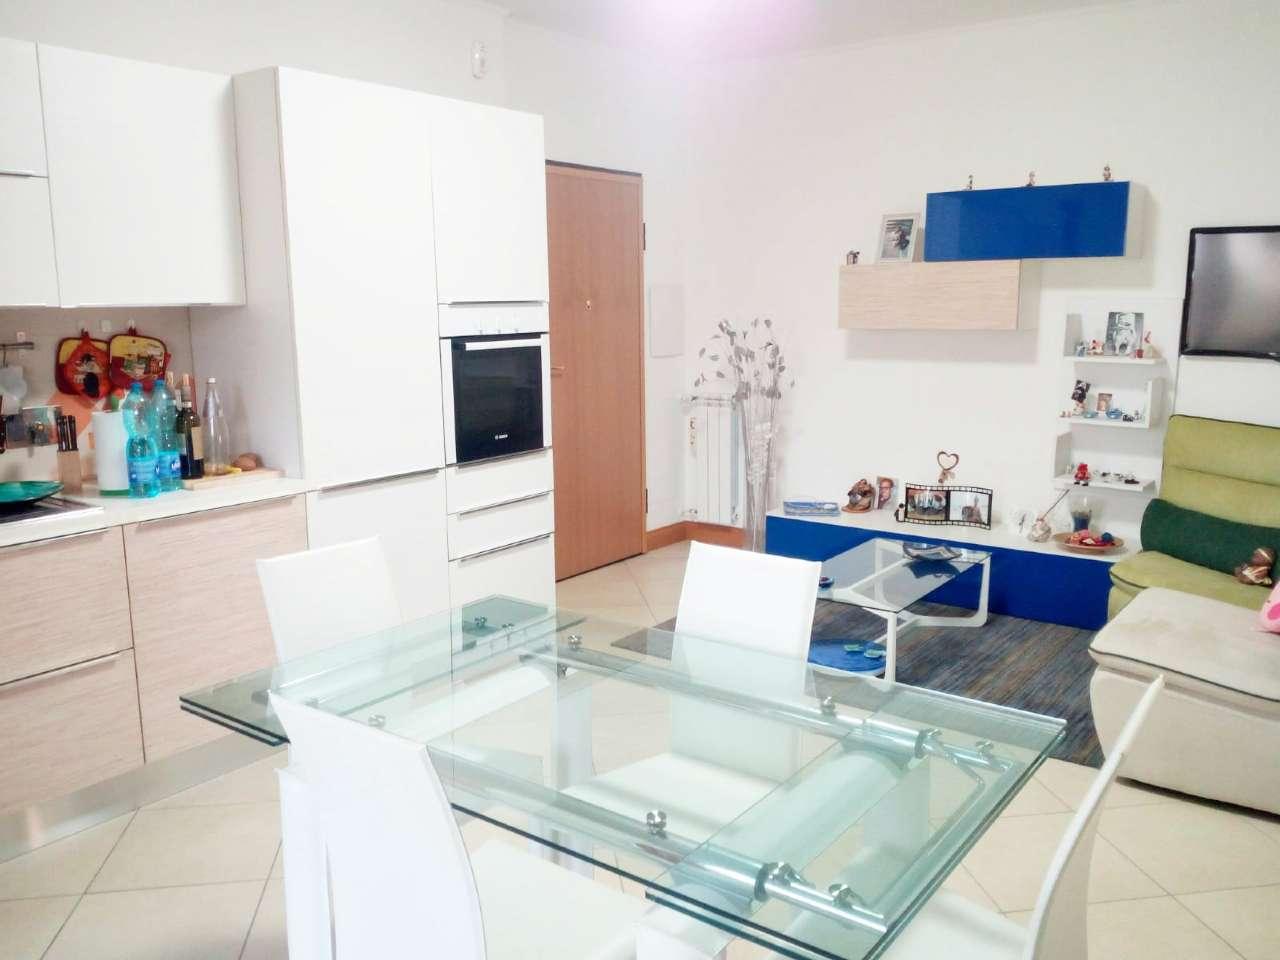 Appartamento in vendita a Roma, 3 locali, zona Zona: 40 . Piana del Sole, Casal Lumbroso, Malagrotta, Ponte Galeria, prezzo € 219.000 | CambioCasa.it